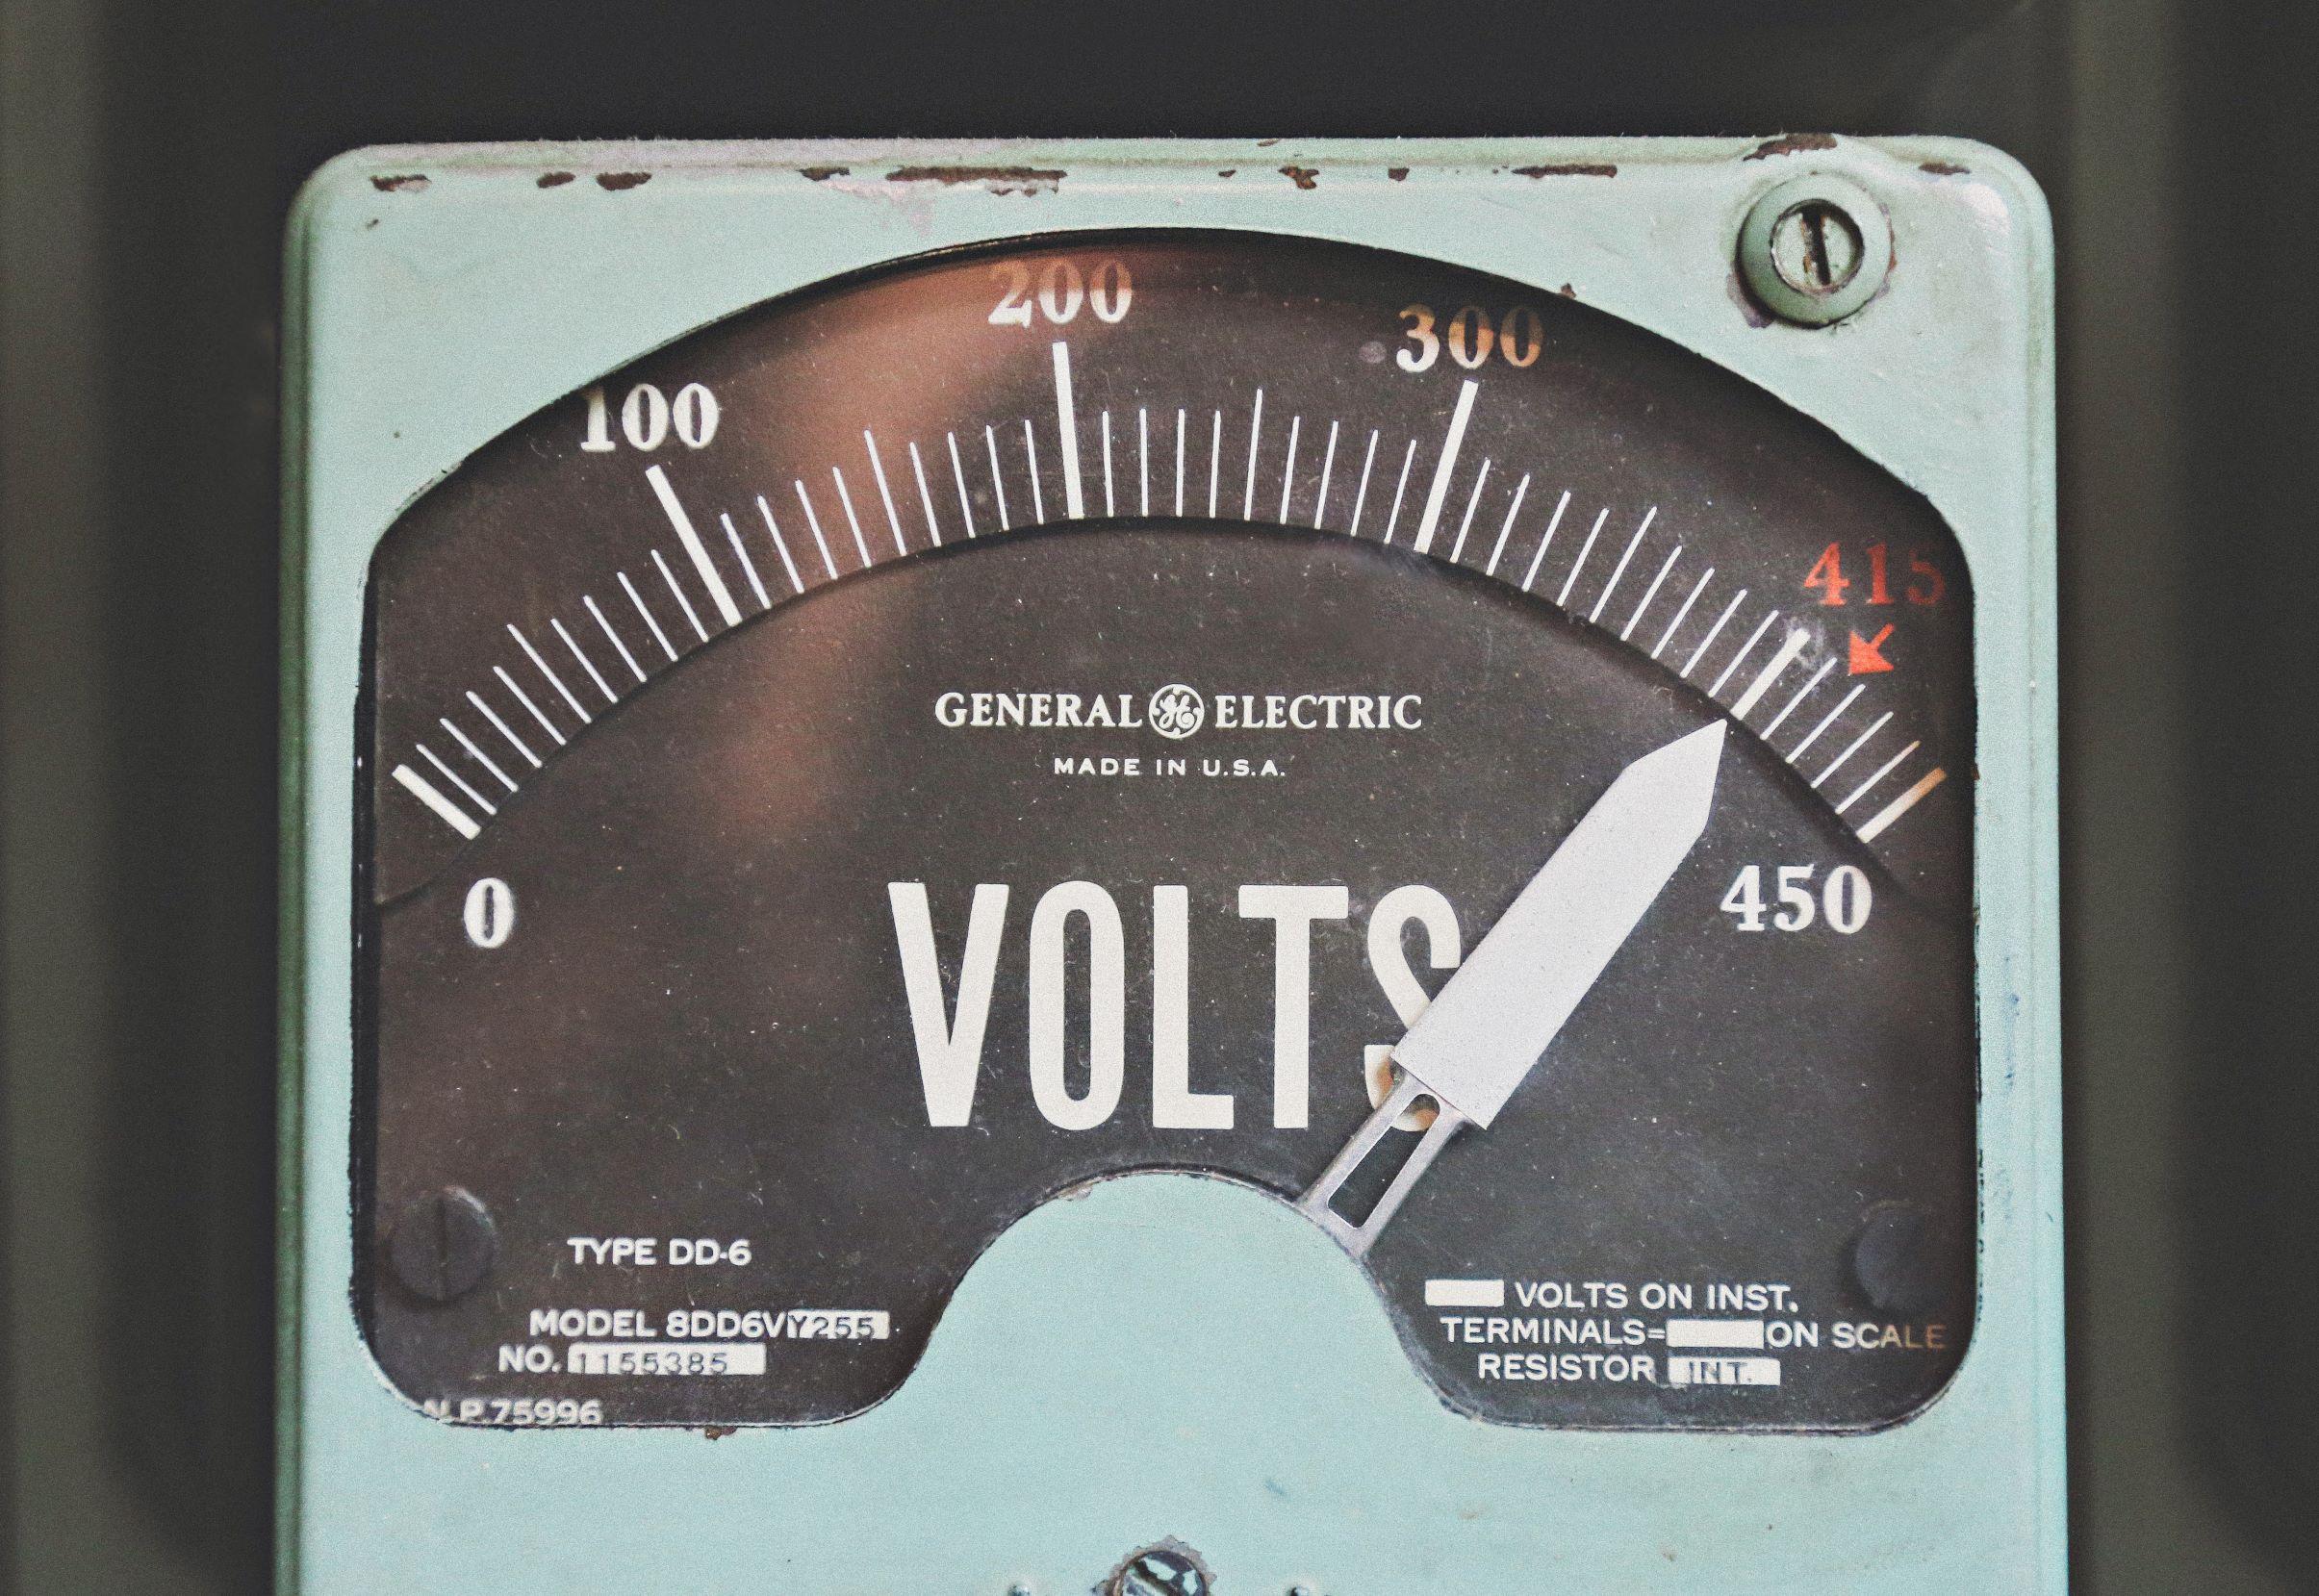 Confier l'alimentation électrique aux énergies renouvelables intermittentes est irresponsable - Contrepoints